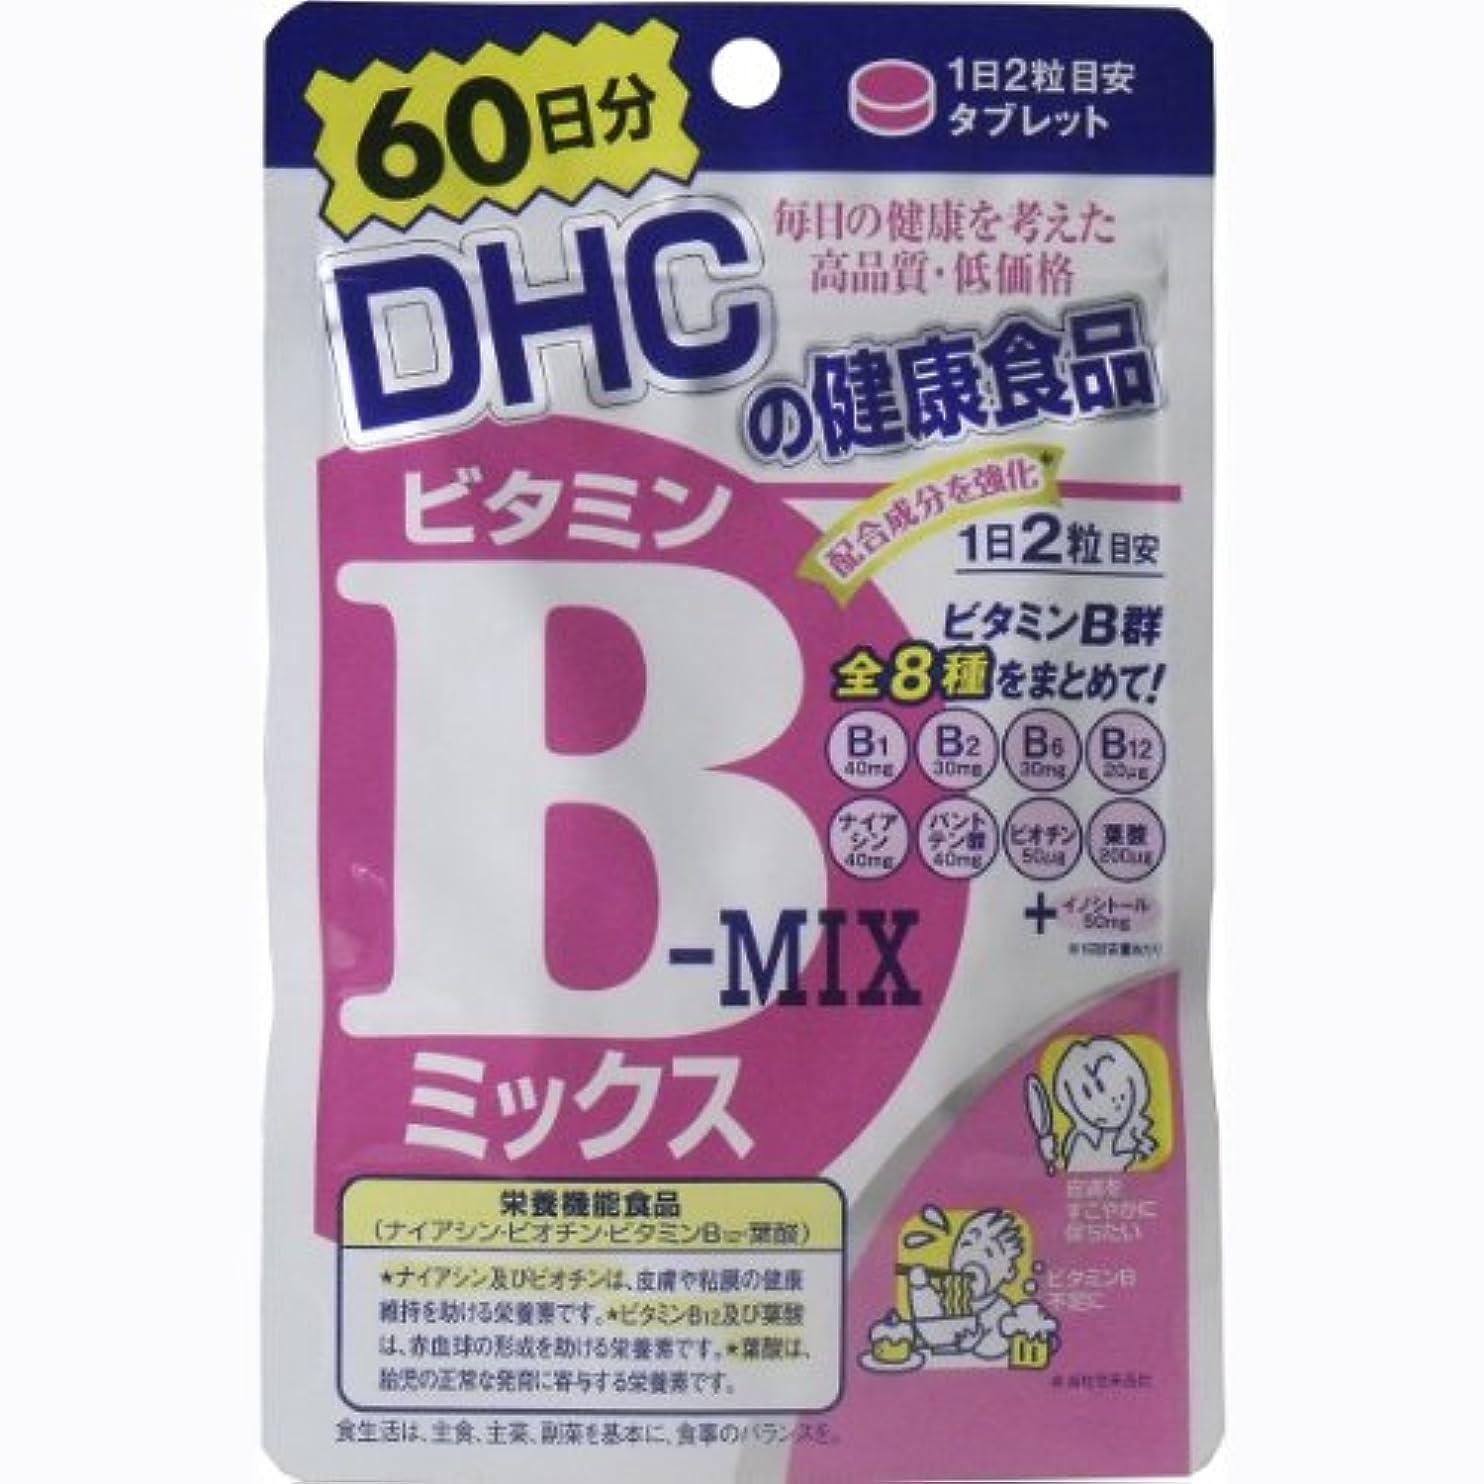 歩行者味方スクラブDHC ビタミンBミックス 120粒 60日分 ×5個セット